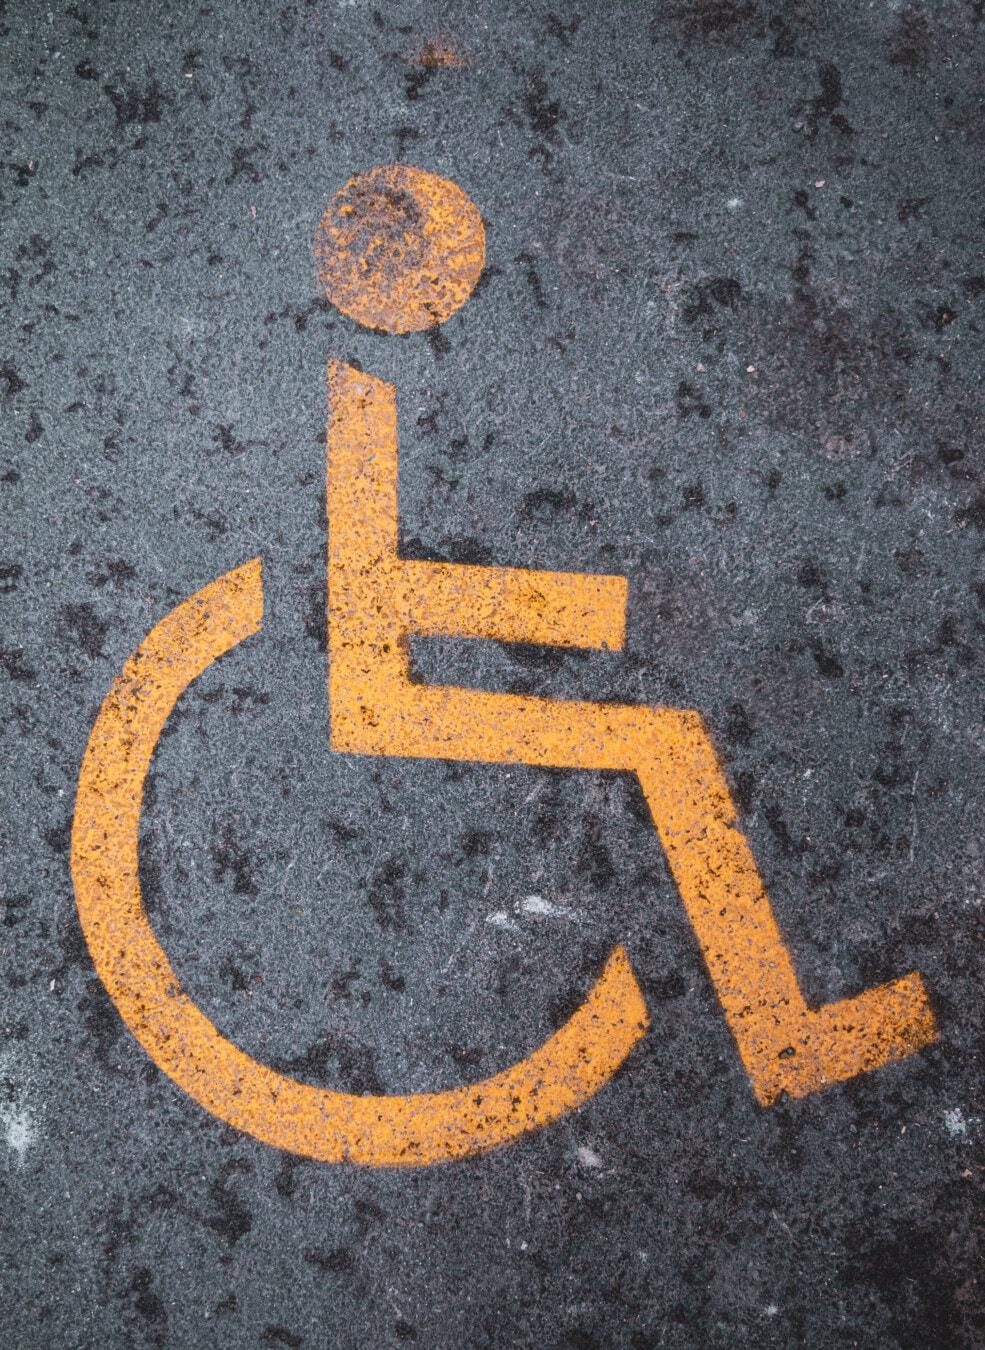 Zeichen, Rollstuhl, Asphalt, Parkplatz, Parken, deaktiviert, Symbol, Verkehr, Straße, Warnung